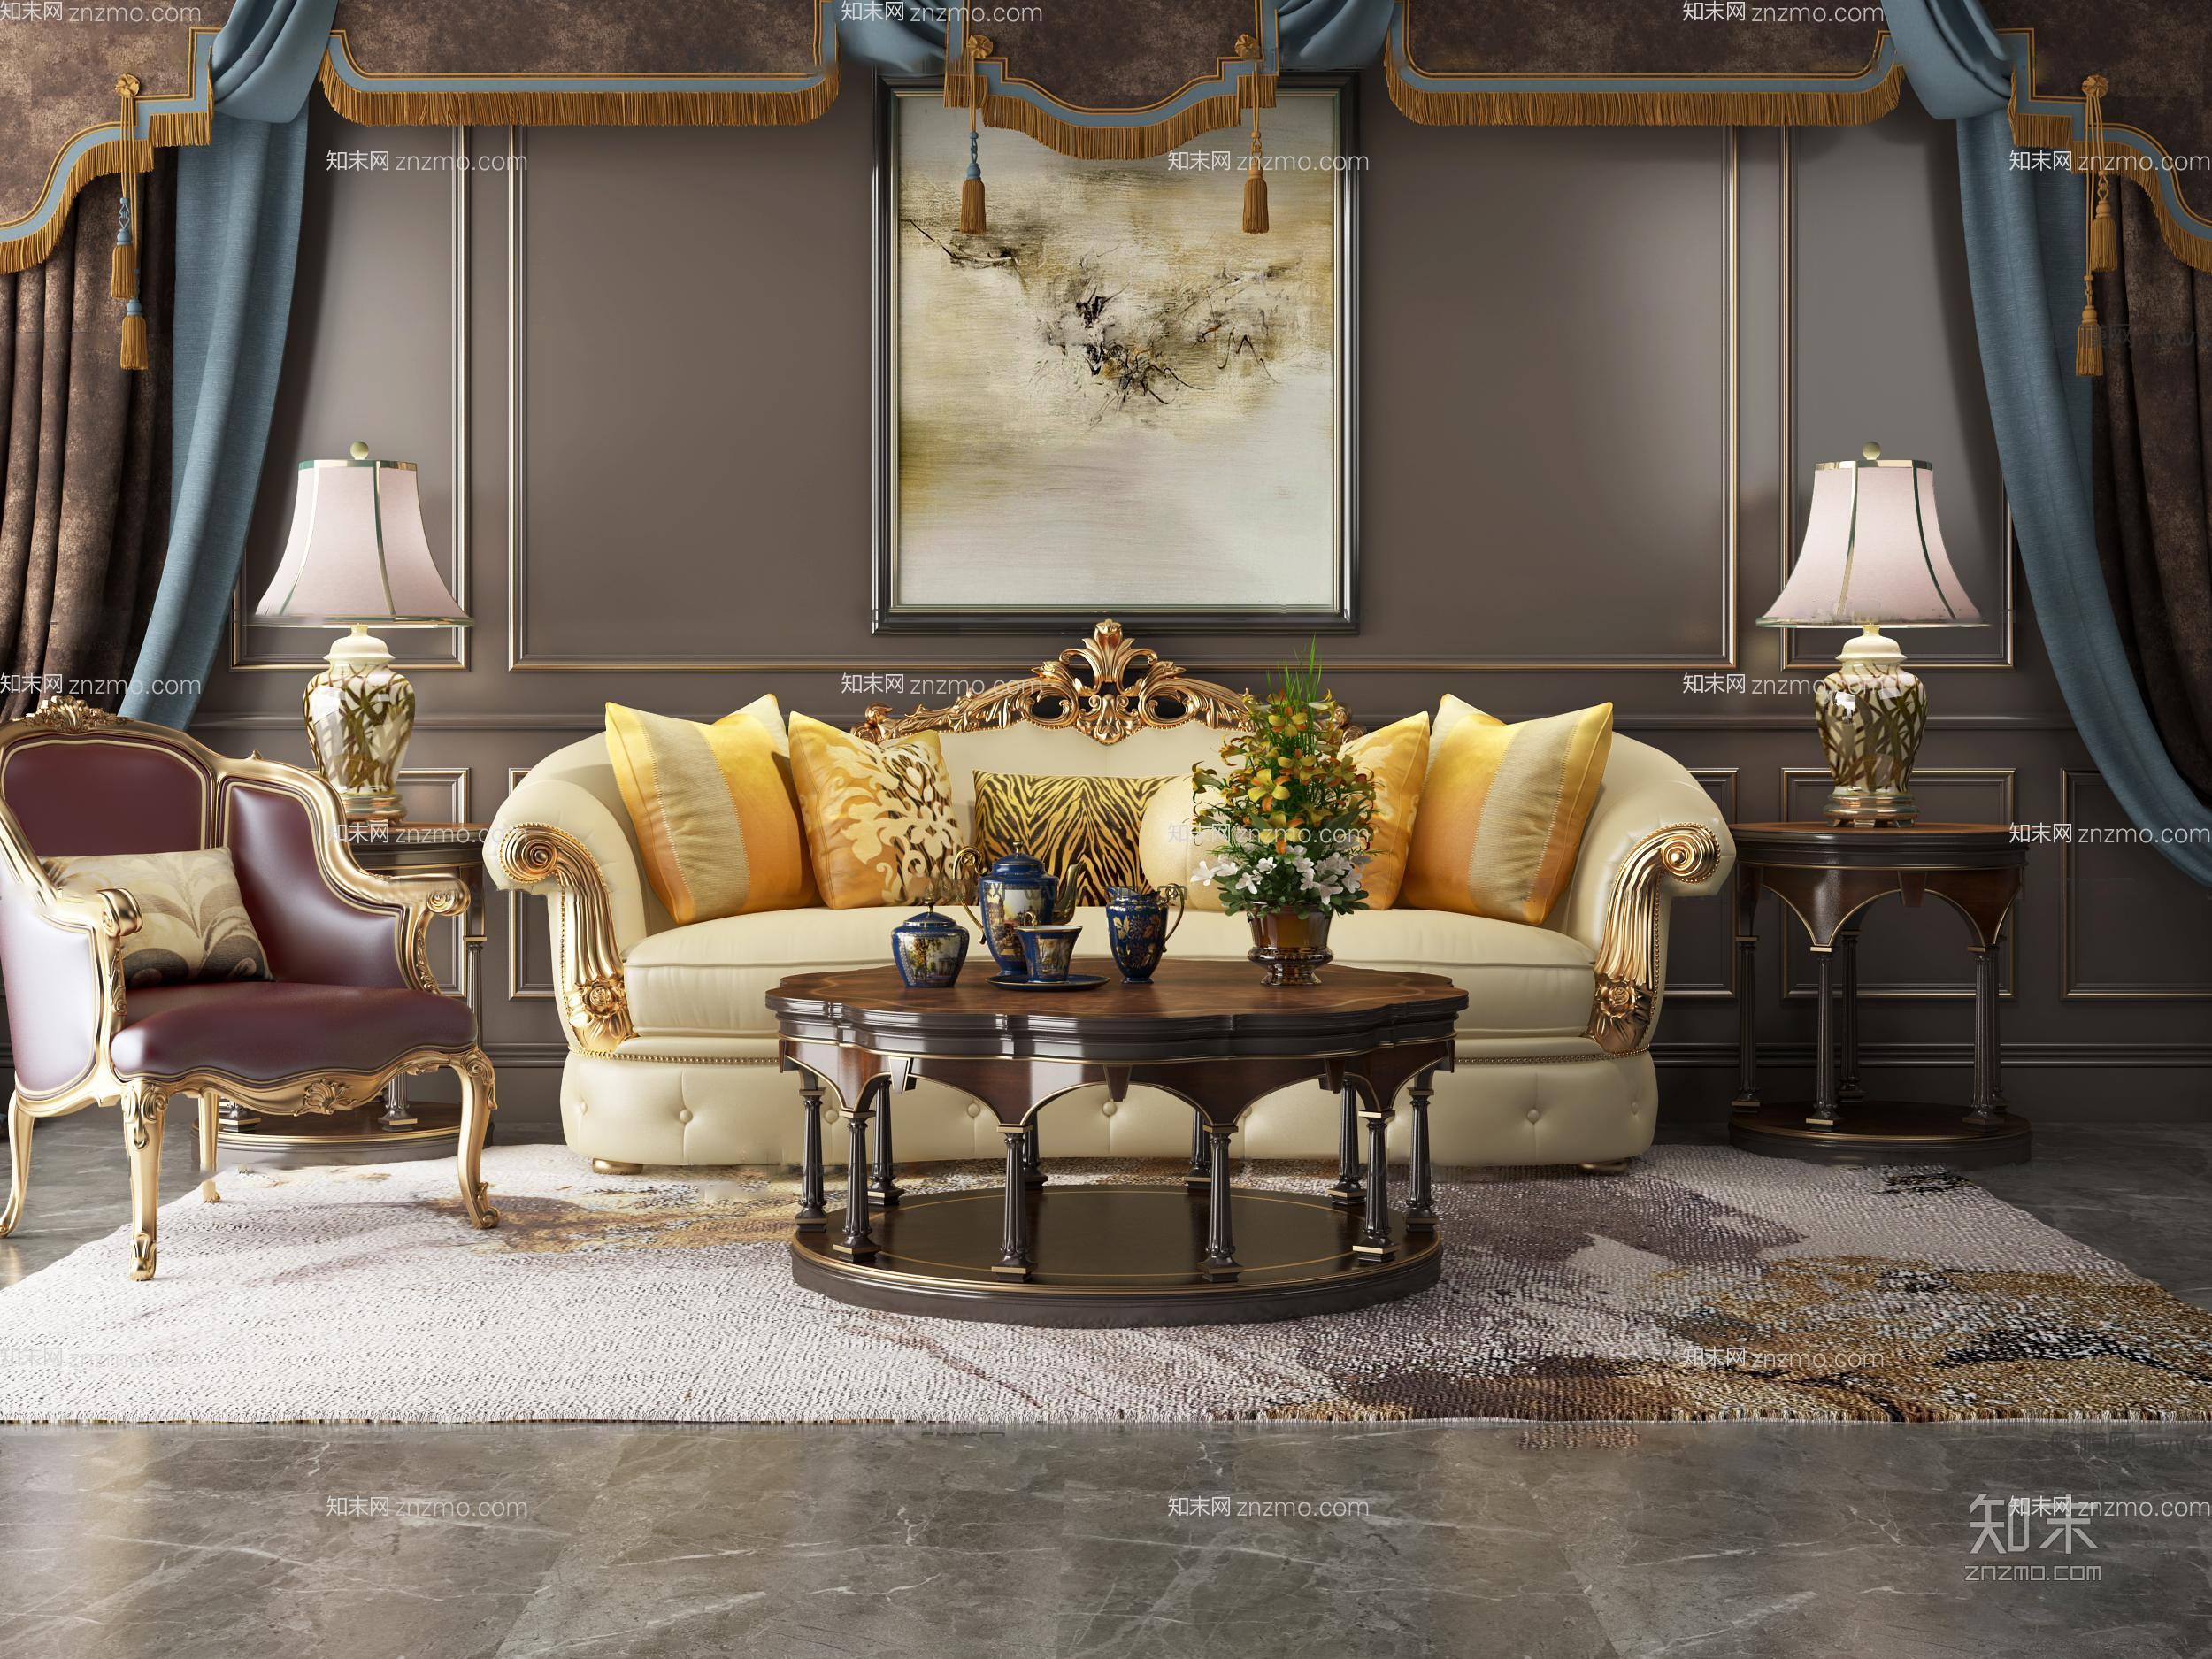 欧式奢华沙发茶几组合 单人沙发 台灯 挂画 茶具